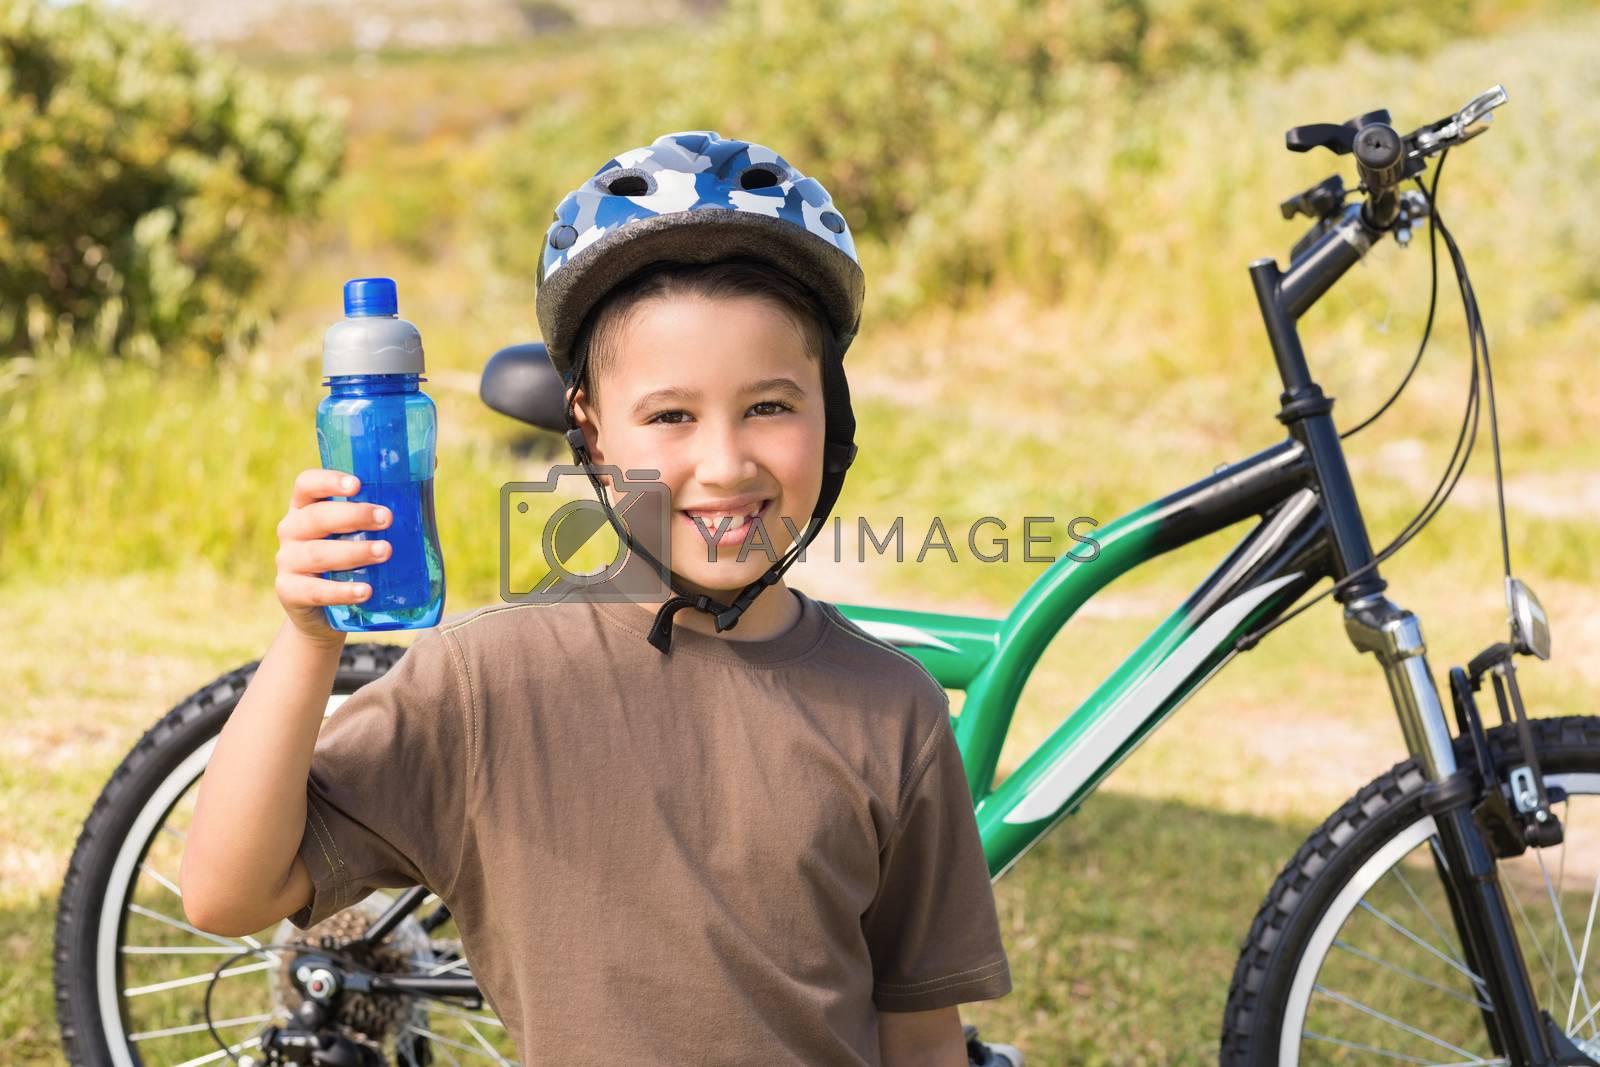 Little boy on a bike ride by Wavebreakmedia